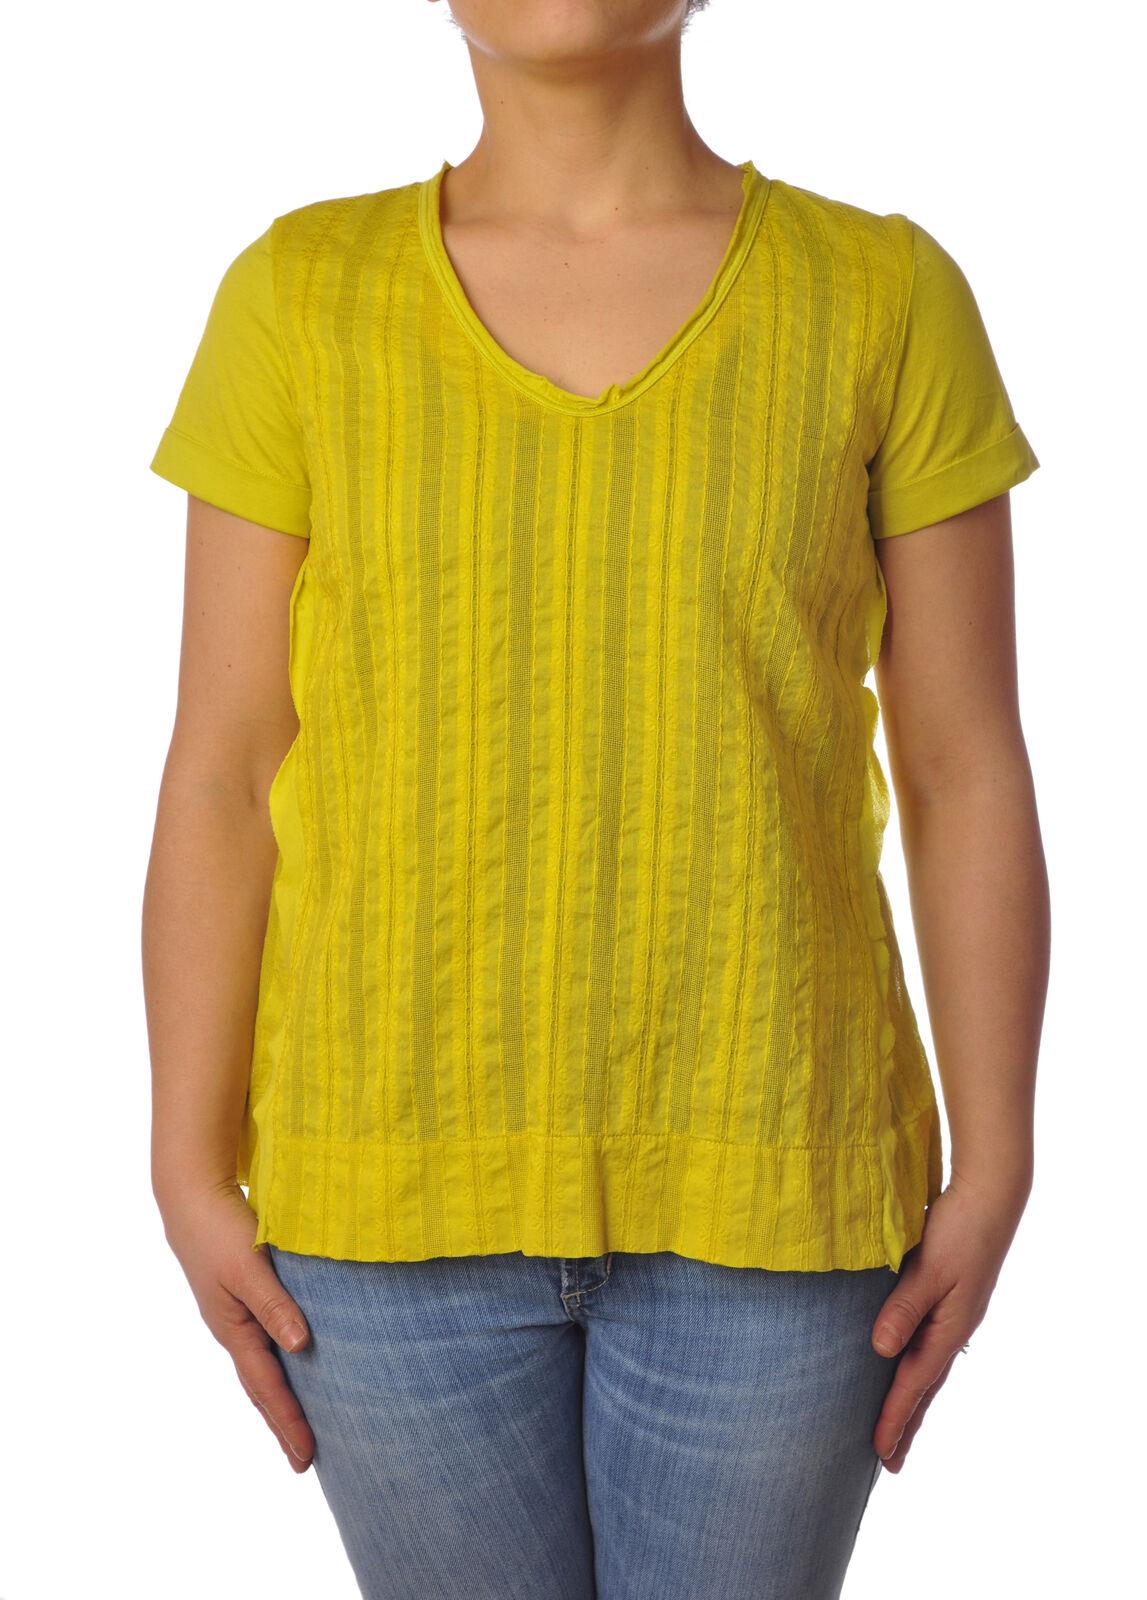 Garage Nouveau - Shirts-Blouses - Woman - Gelb - 4976726F181347